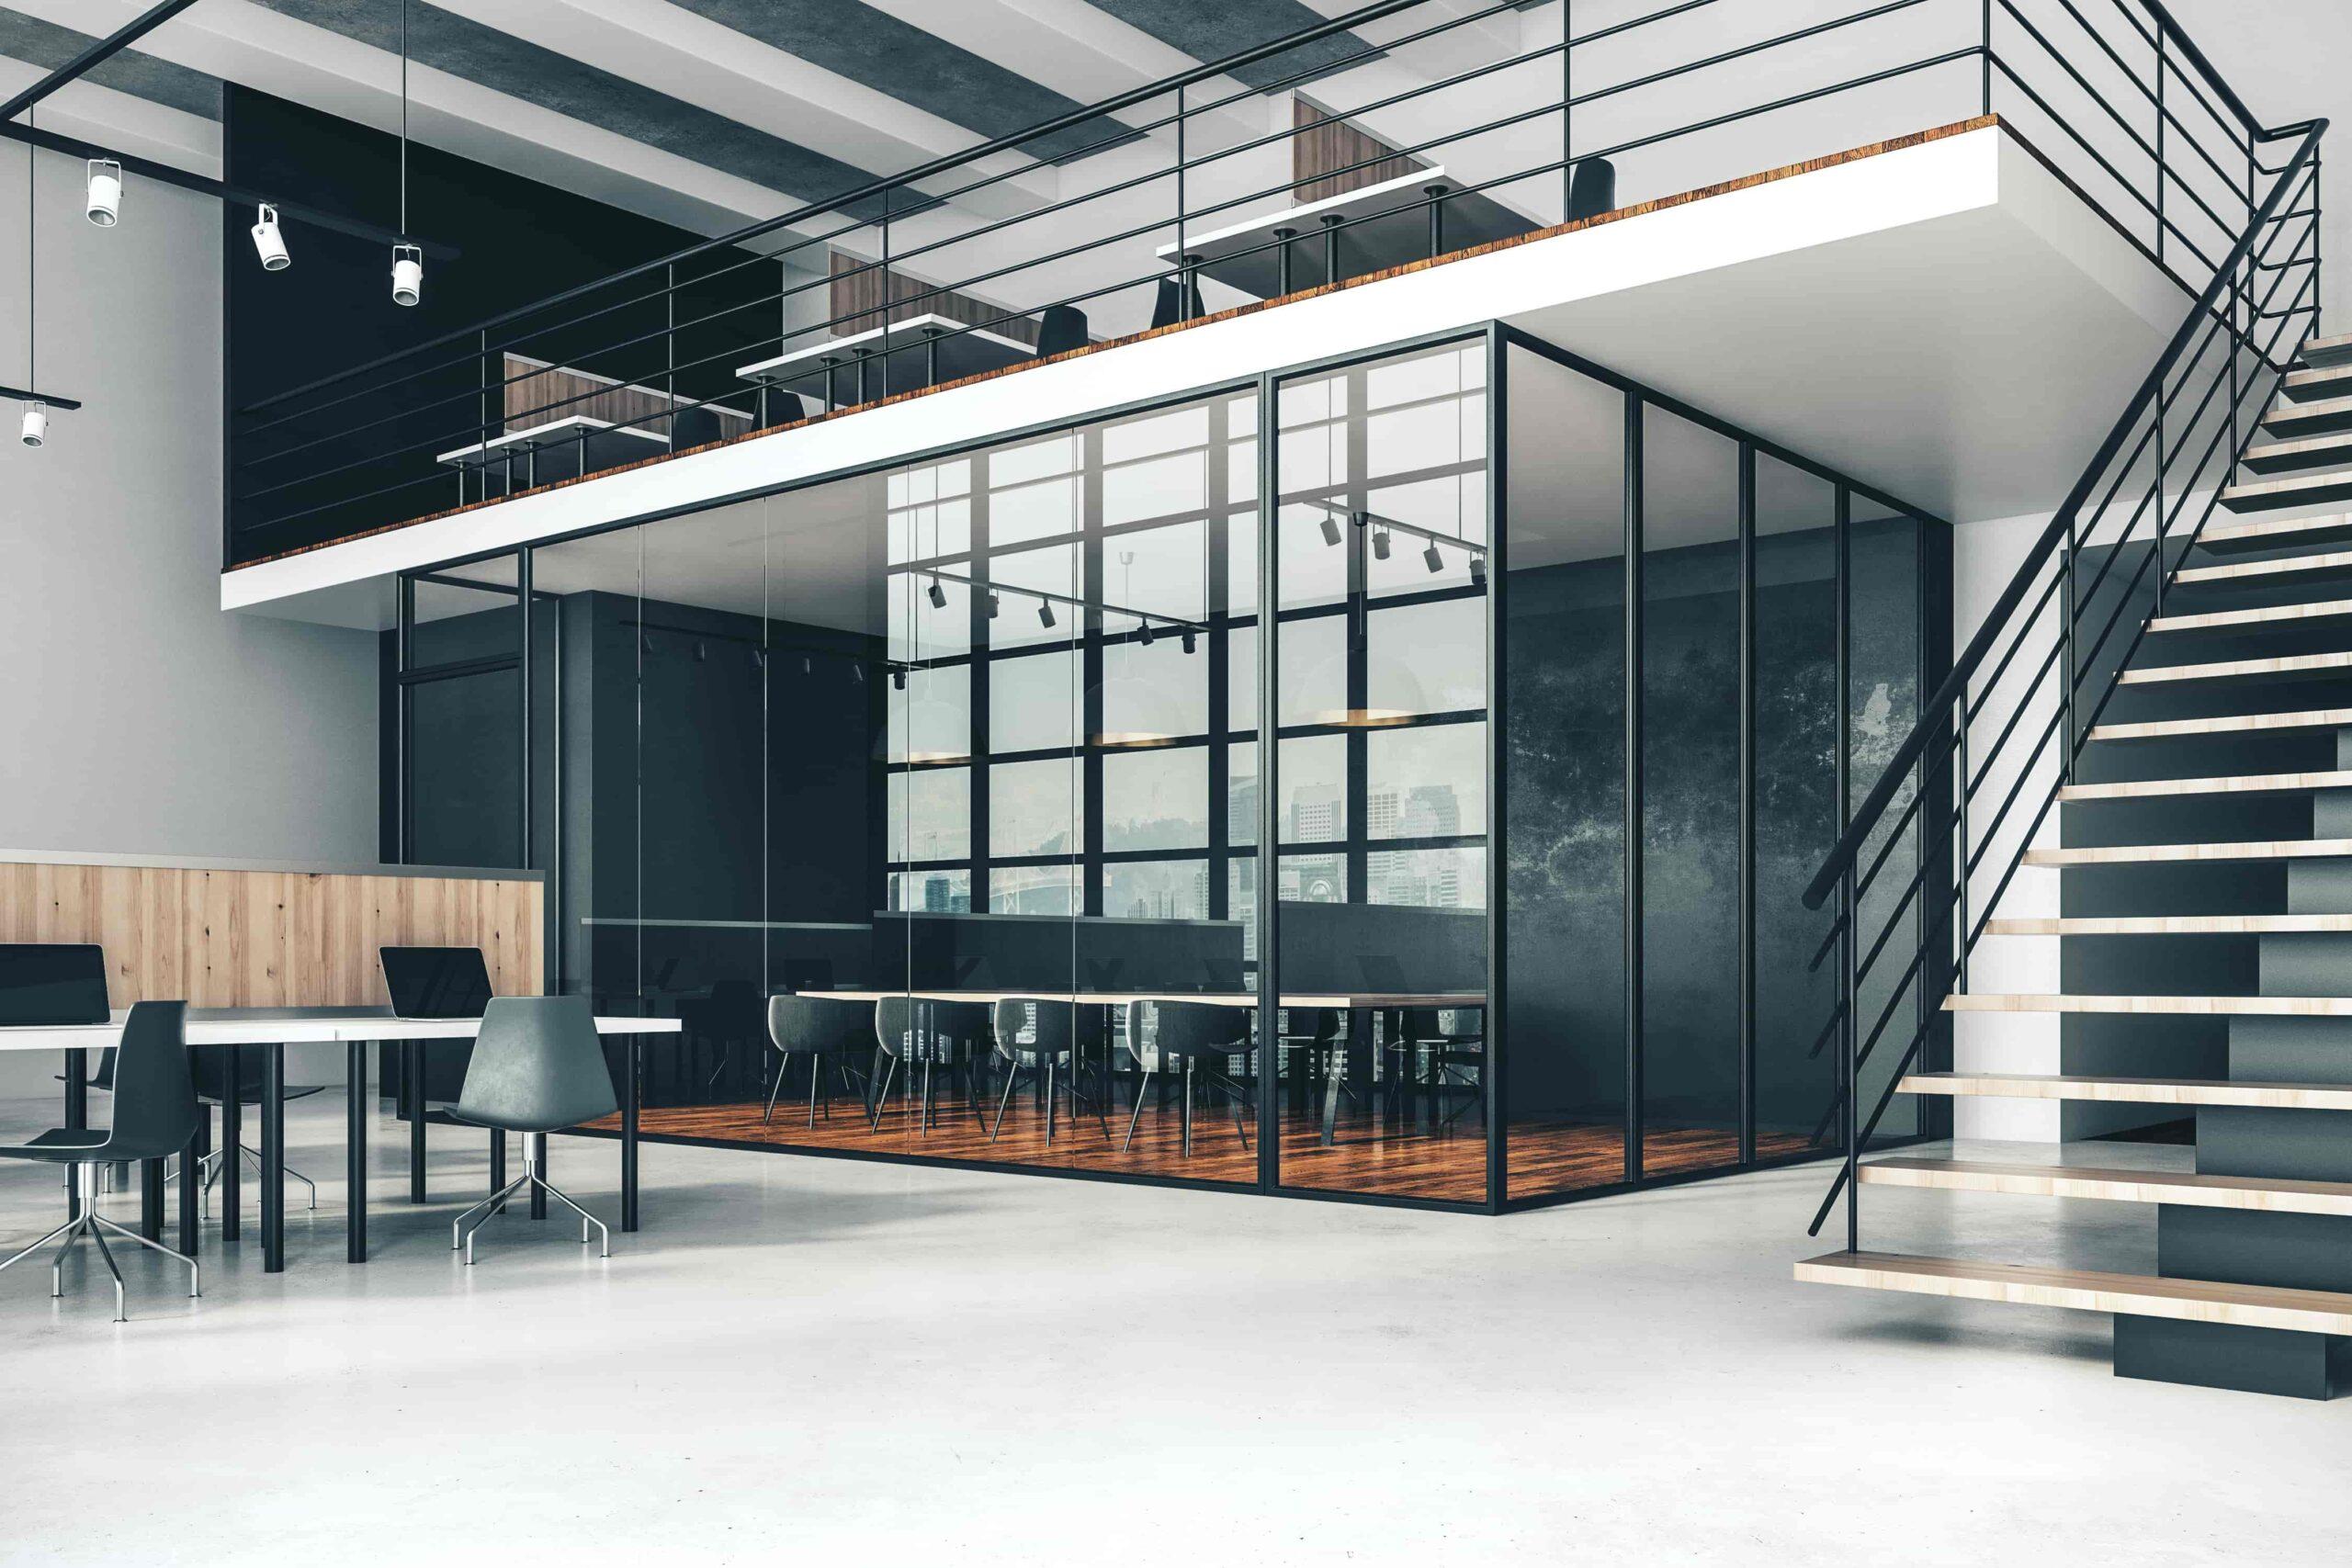 機能性重視のオフィスデザイン